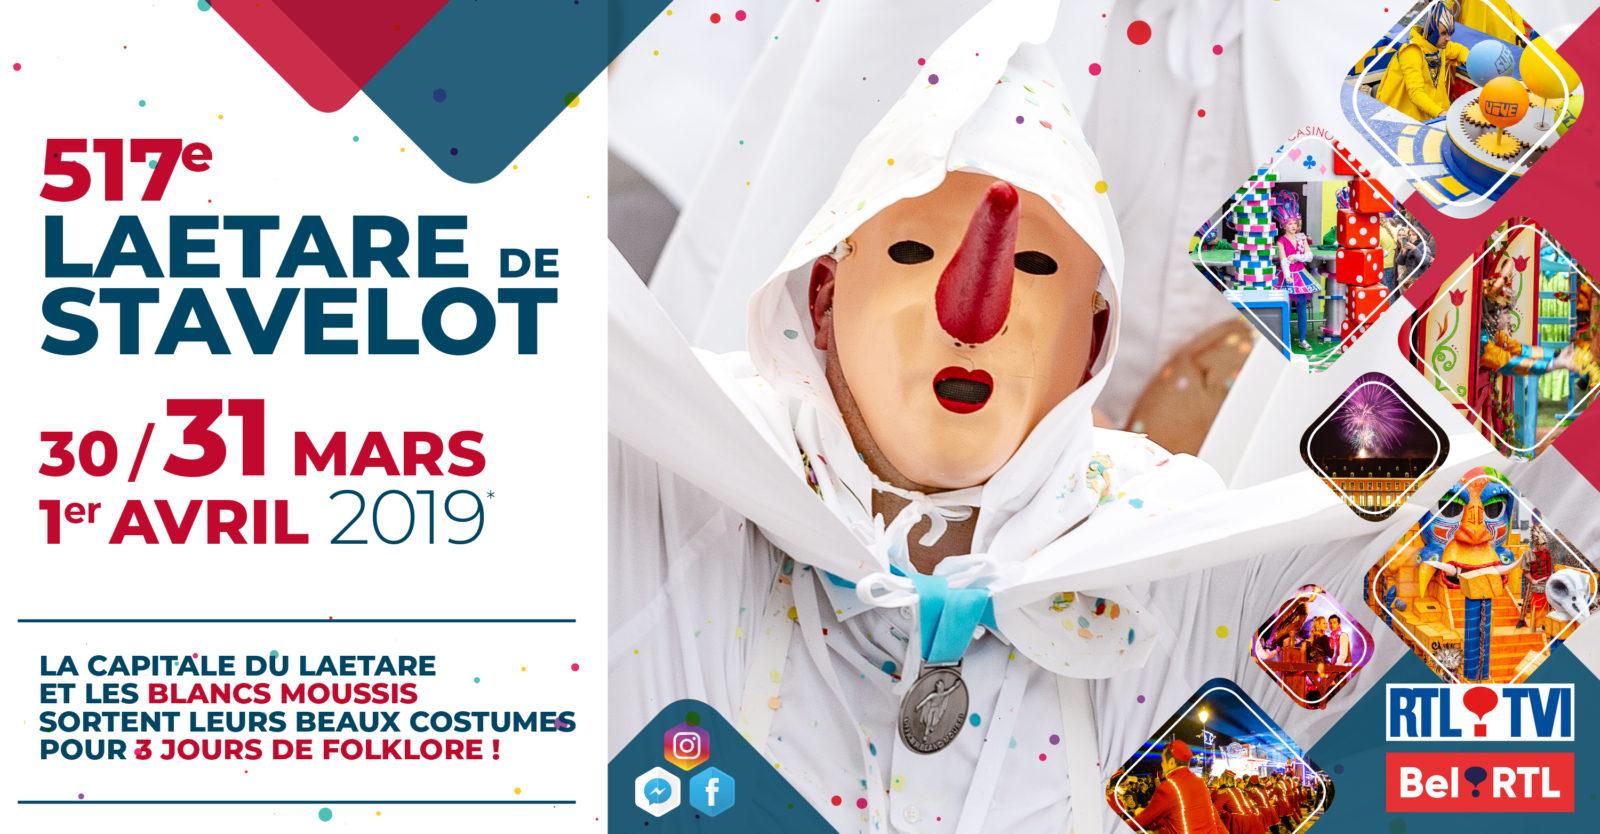 Laetare-Stavelot-2019-BandeauPourPubFacebook-v01